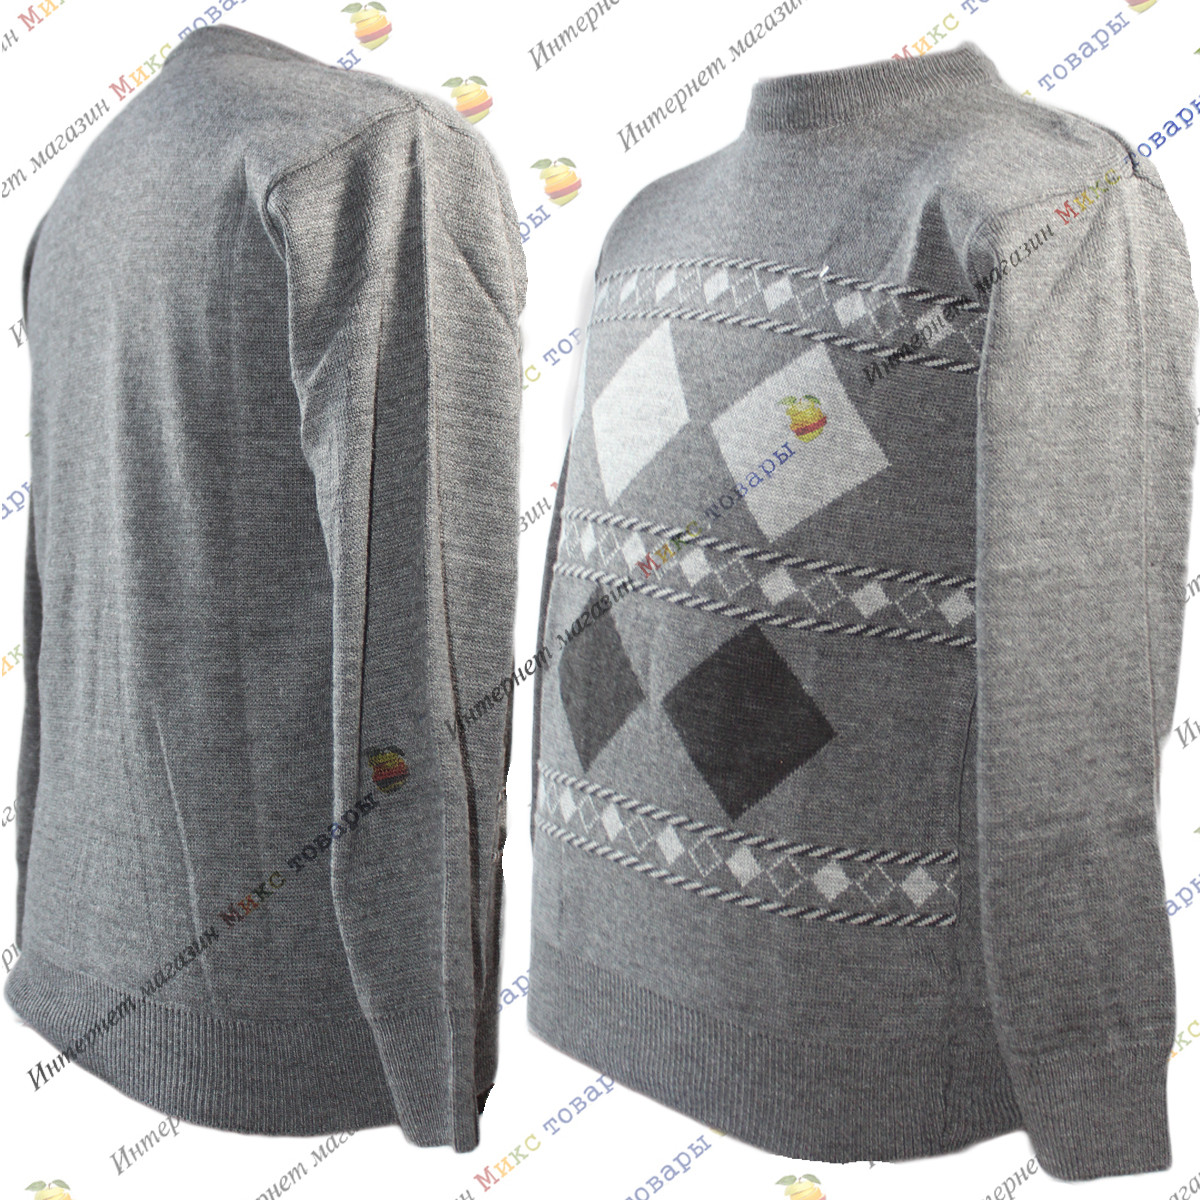 Мужские вязанные свитера пр- во Турция от 48 до 54 размера